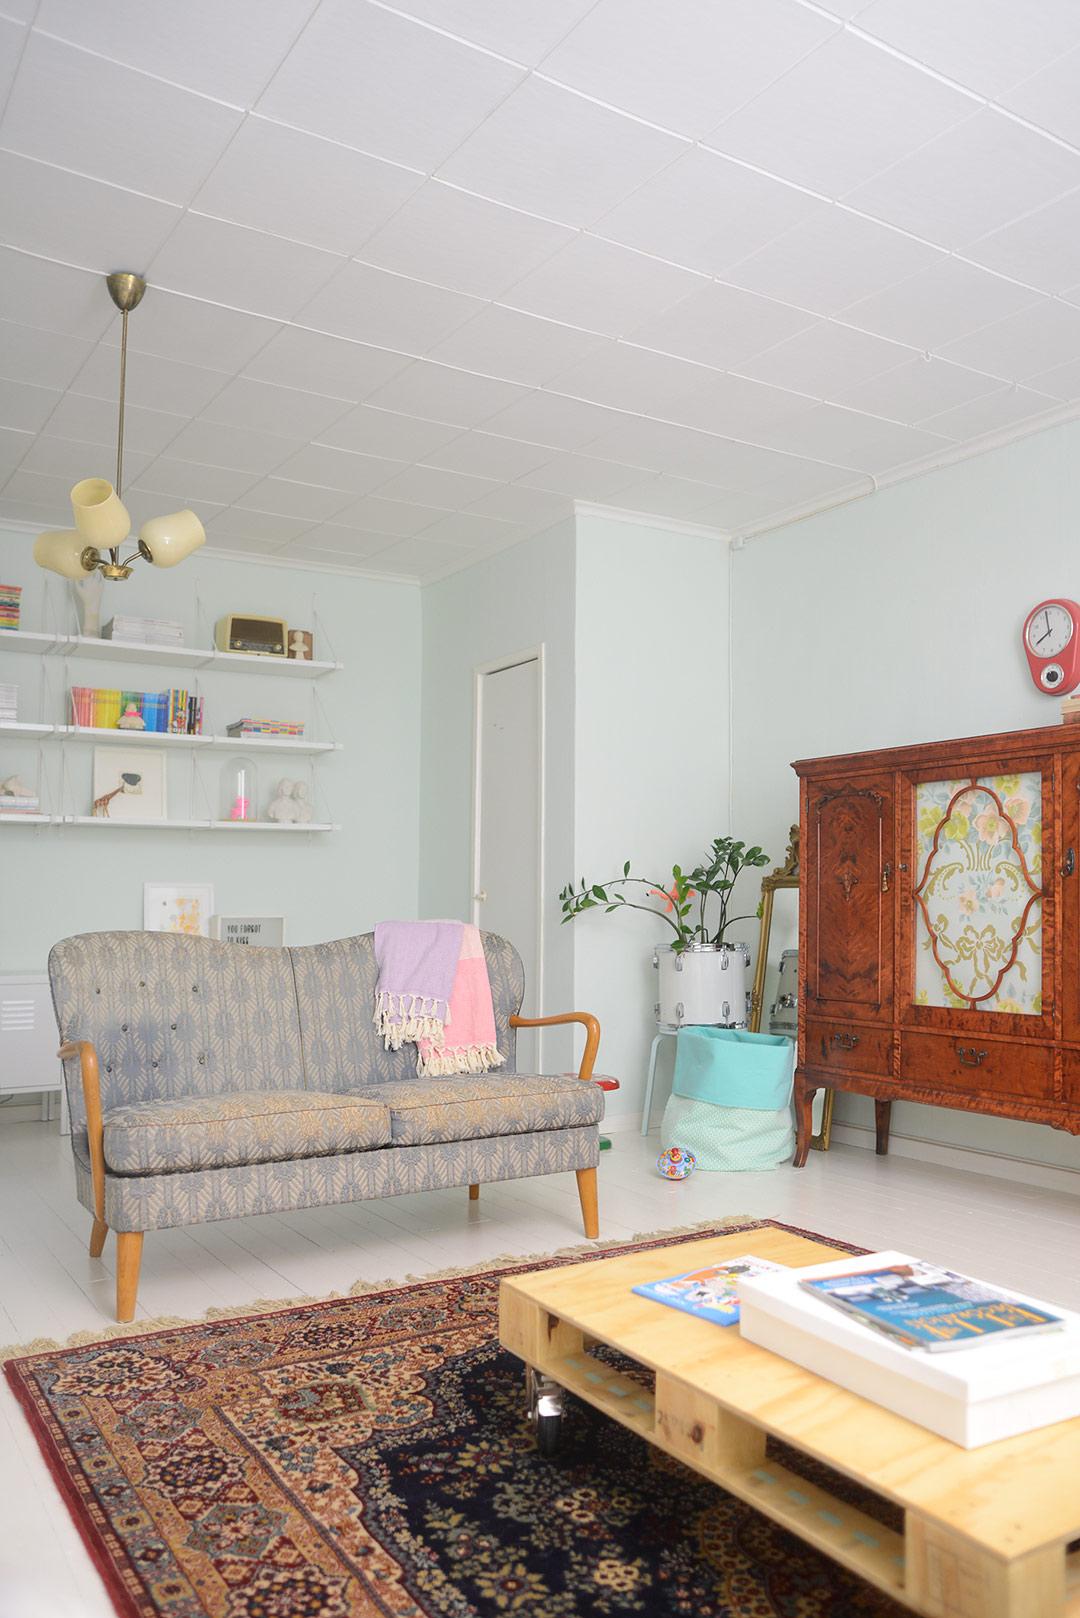 Vintage Kirman rug in the living room